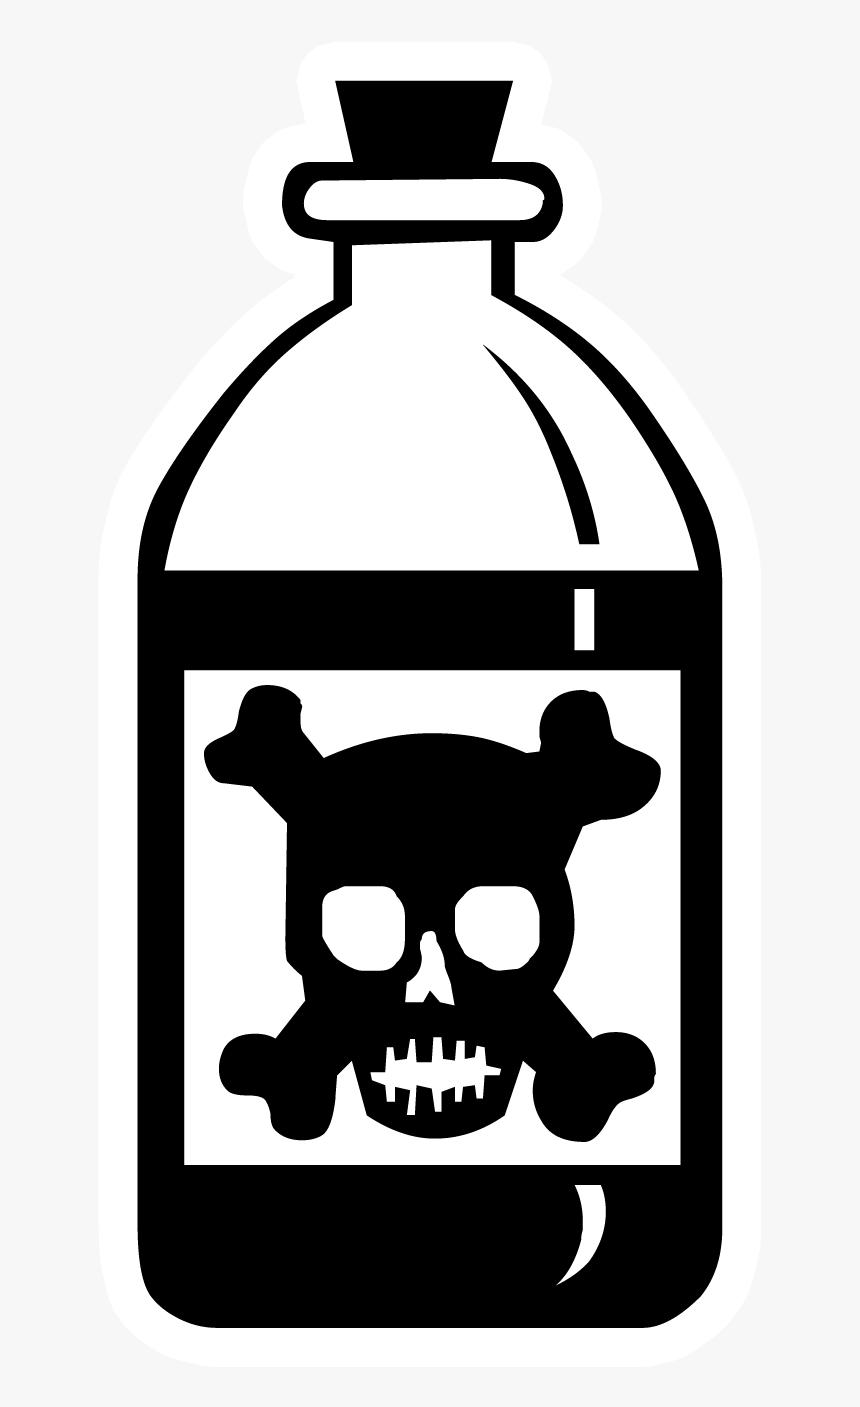 Poison Png - Poison Bottle Skull And Crossbones, Transparent Png, Free Download